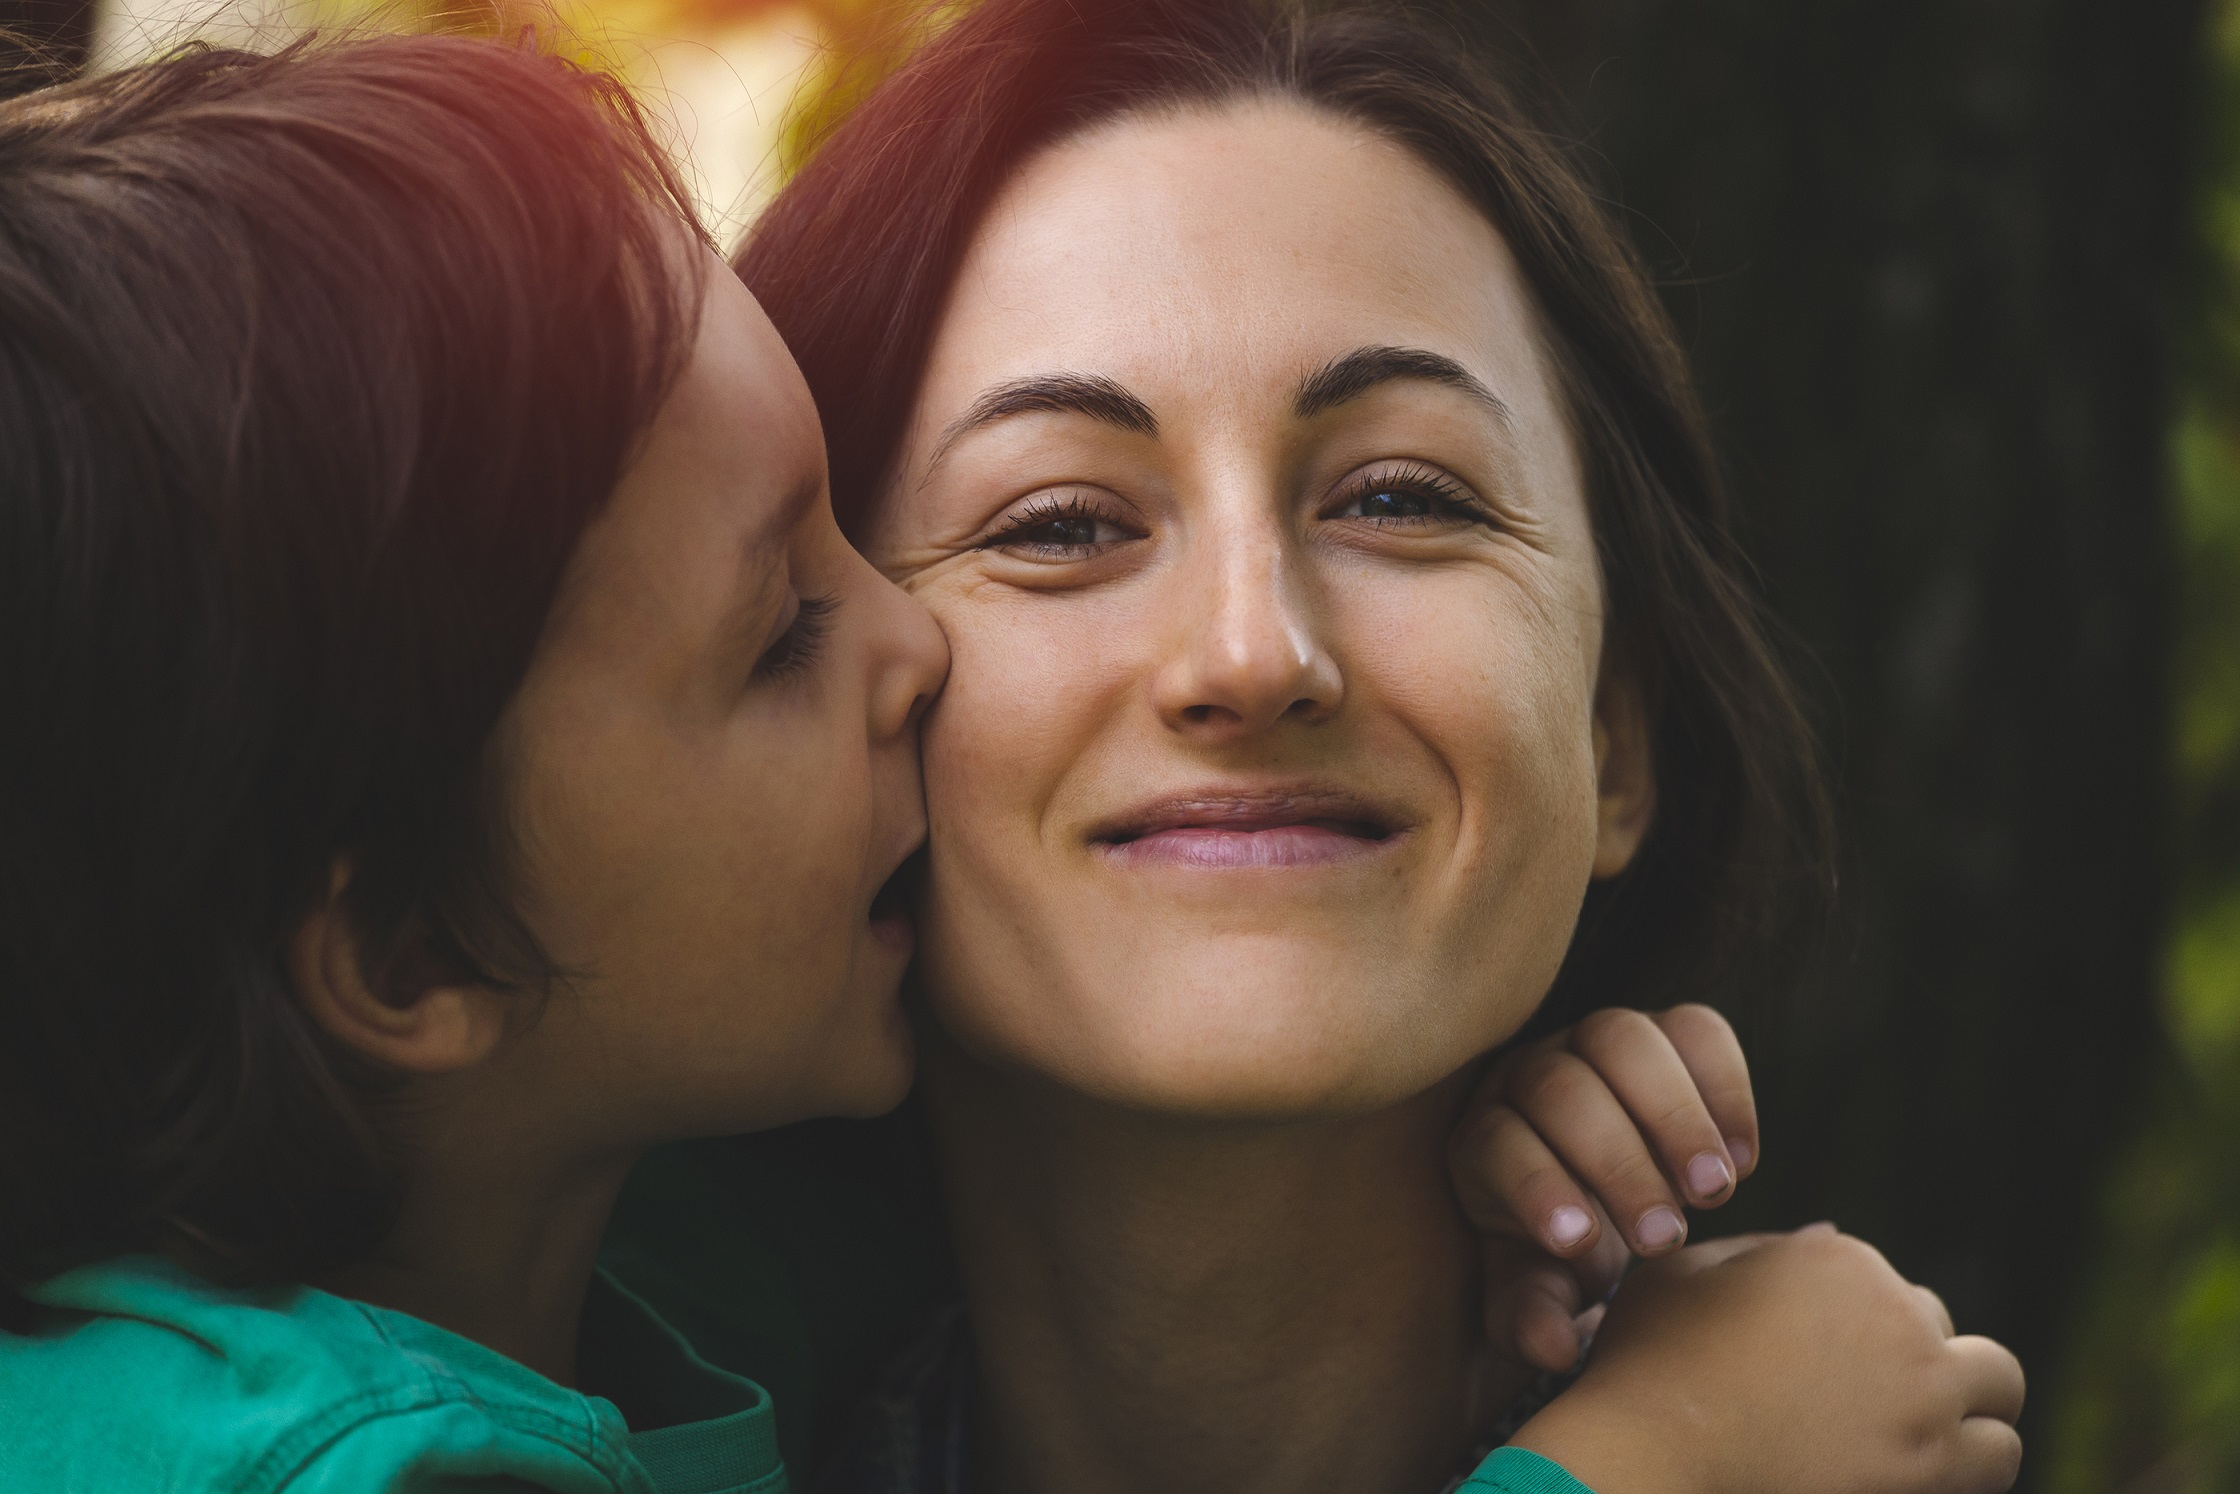 8 Frases De Apoio Que Toda Mãe Precisa Ouvir